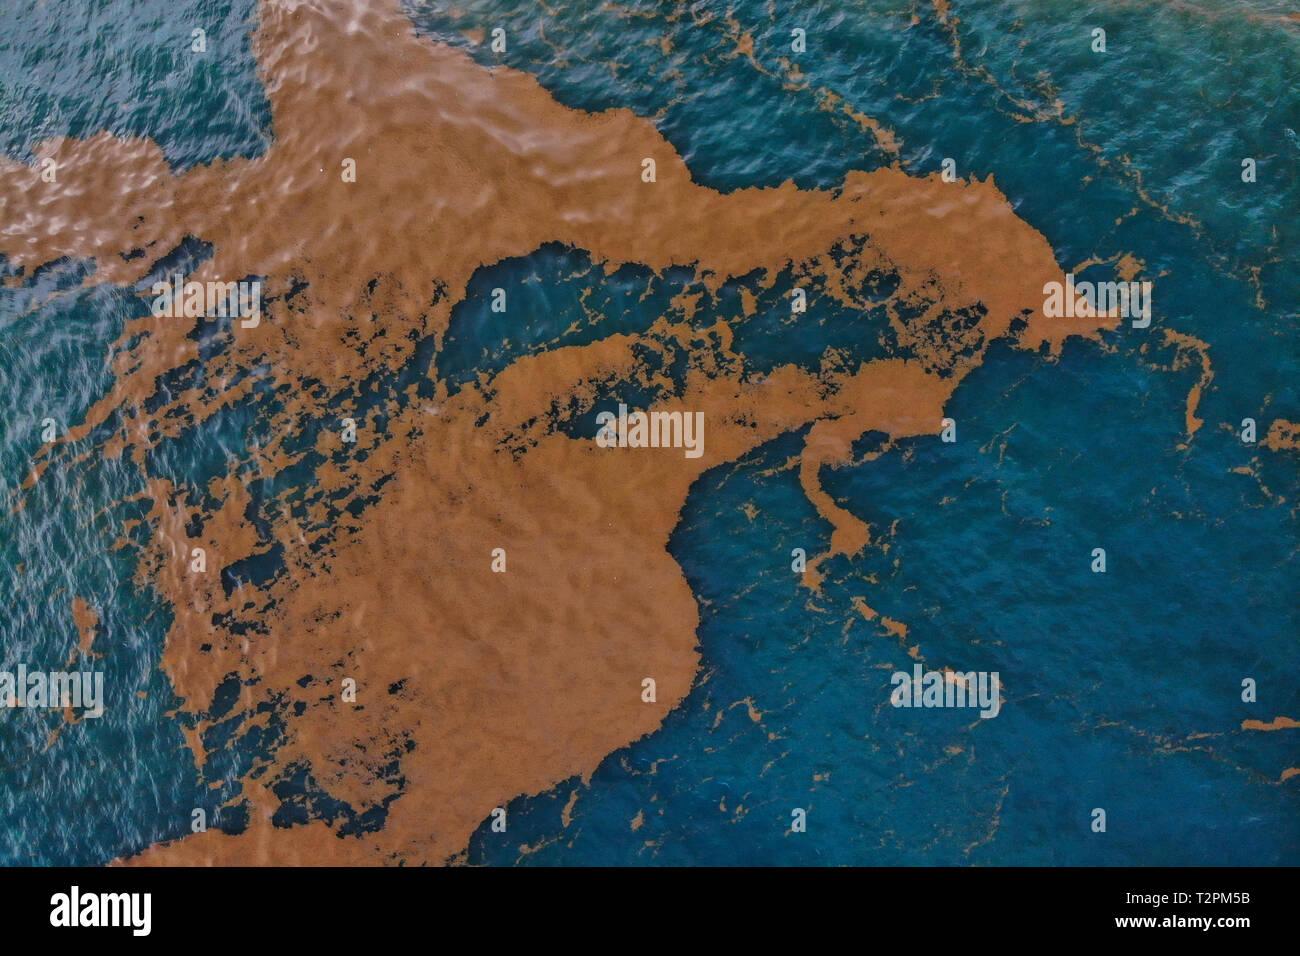 Sargassum Stock Photos & Sargassum Stock Images - Alamy